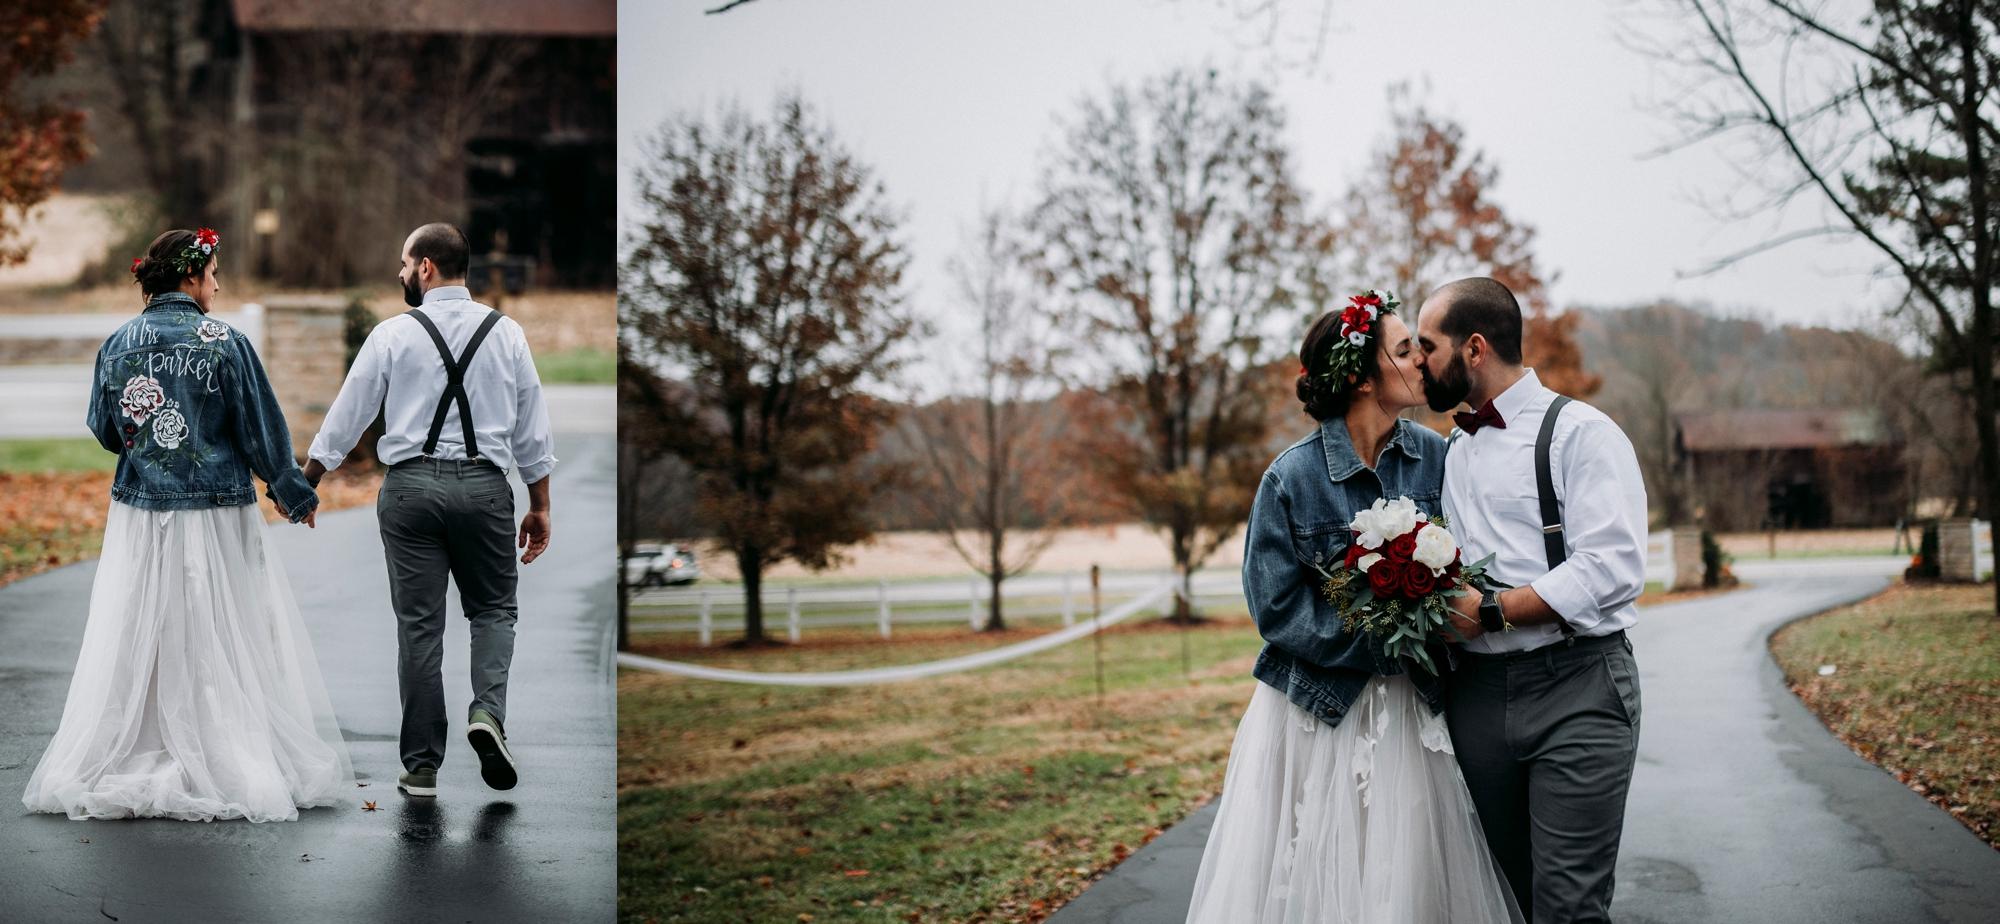 ethical-destination-wedding-stlouis_0041.jpg